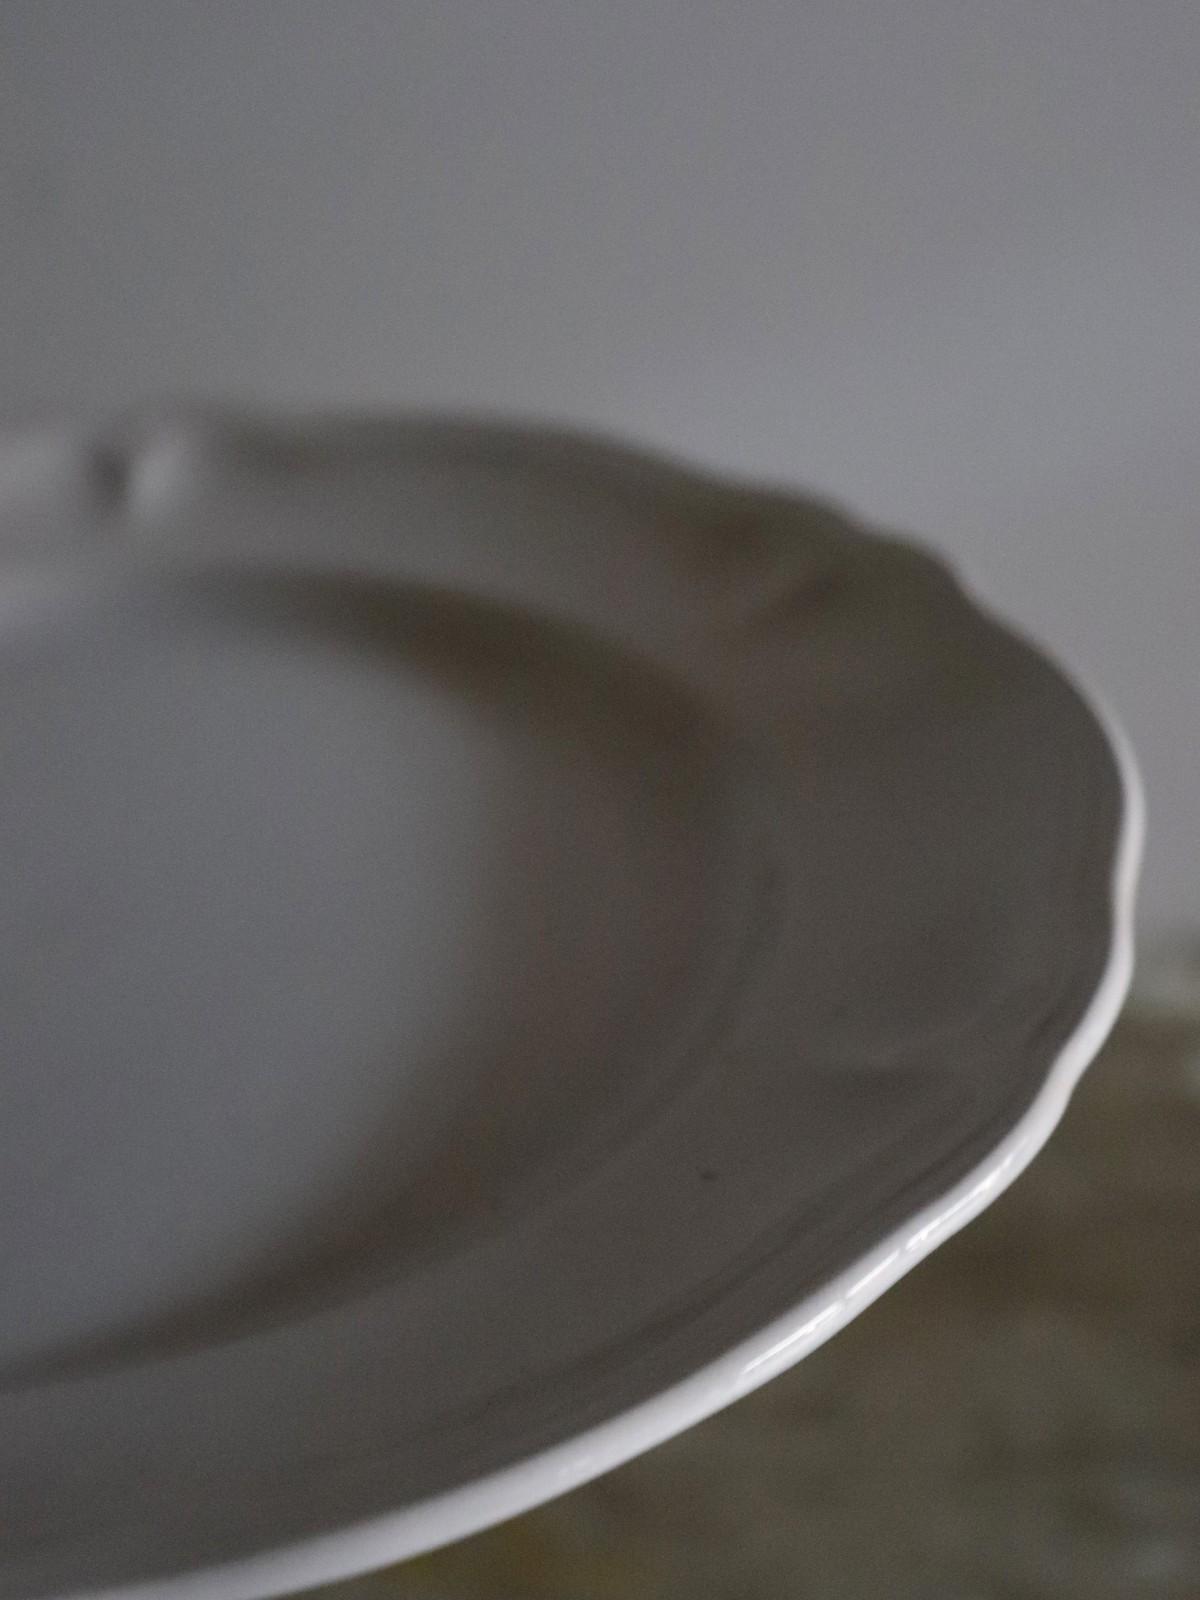 france, plate, vintage